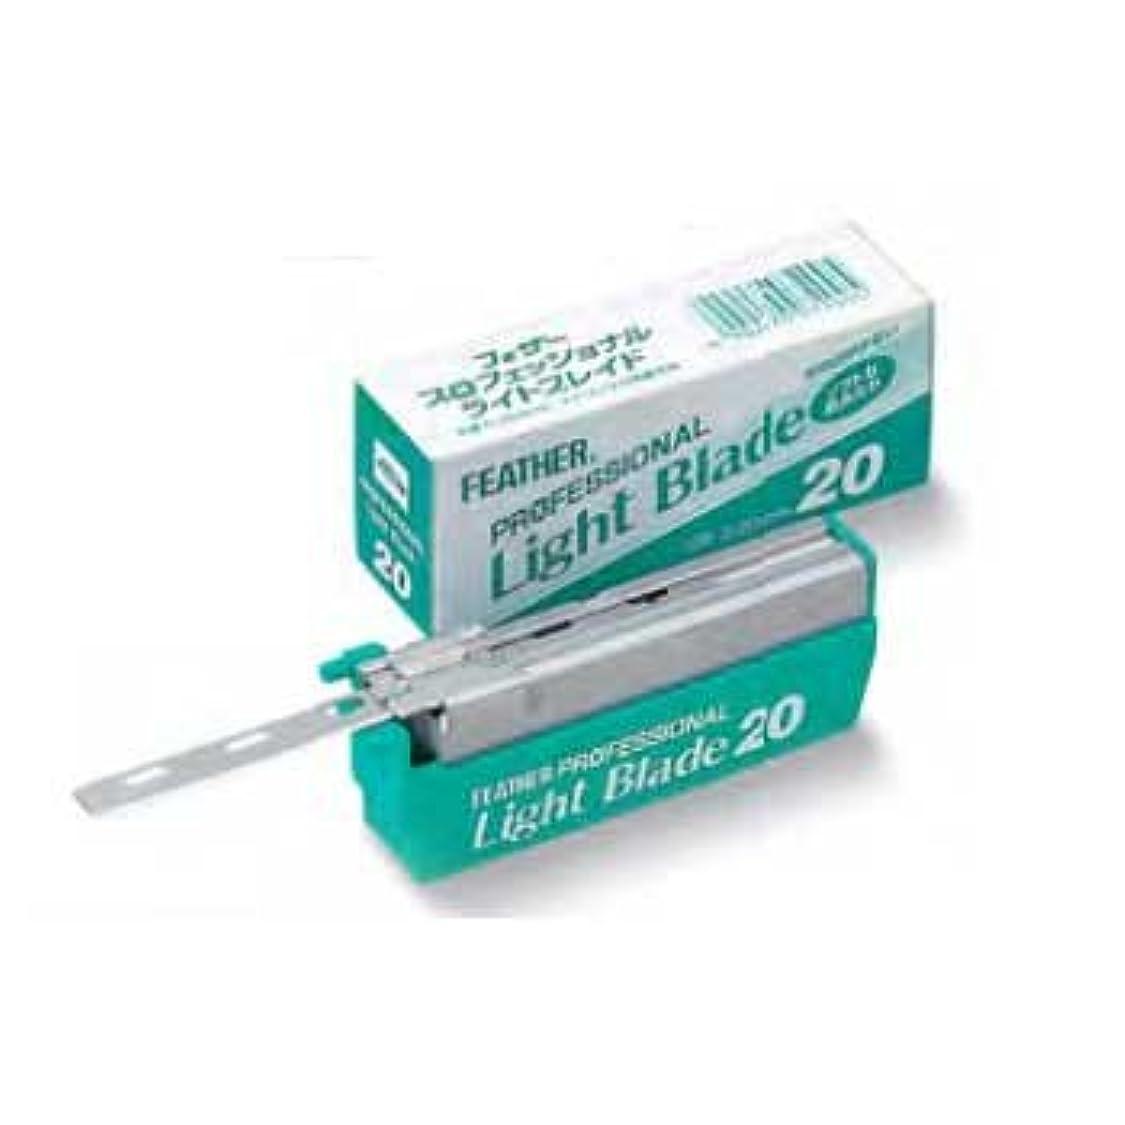 目立つ忘れっぽい胆嚢フェザー プロフェッショナル ライトブレイド PL-20 20枚×10 替刃 刃の出が少ないソフトな肌当たり FEATHER アーティストクラブ用替刃